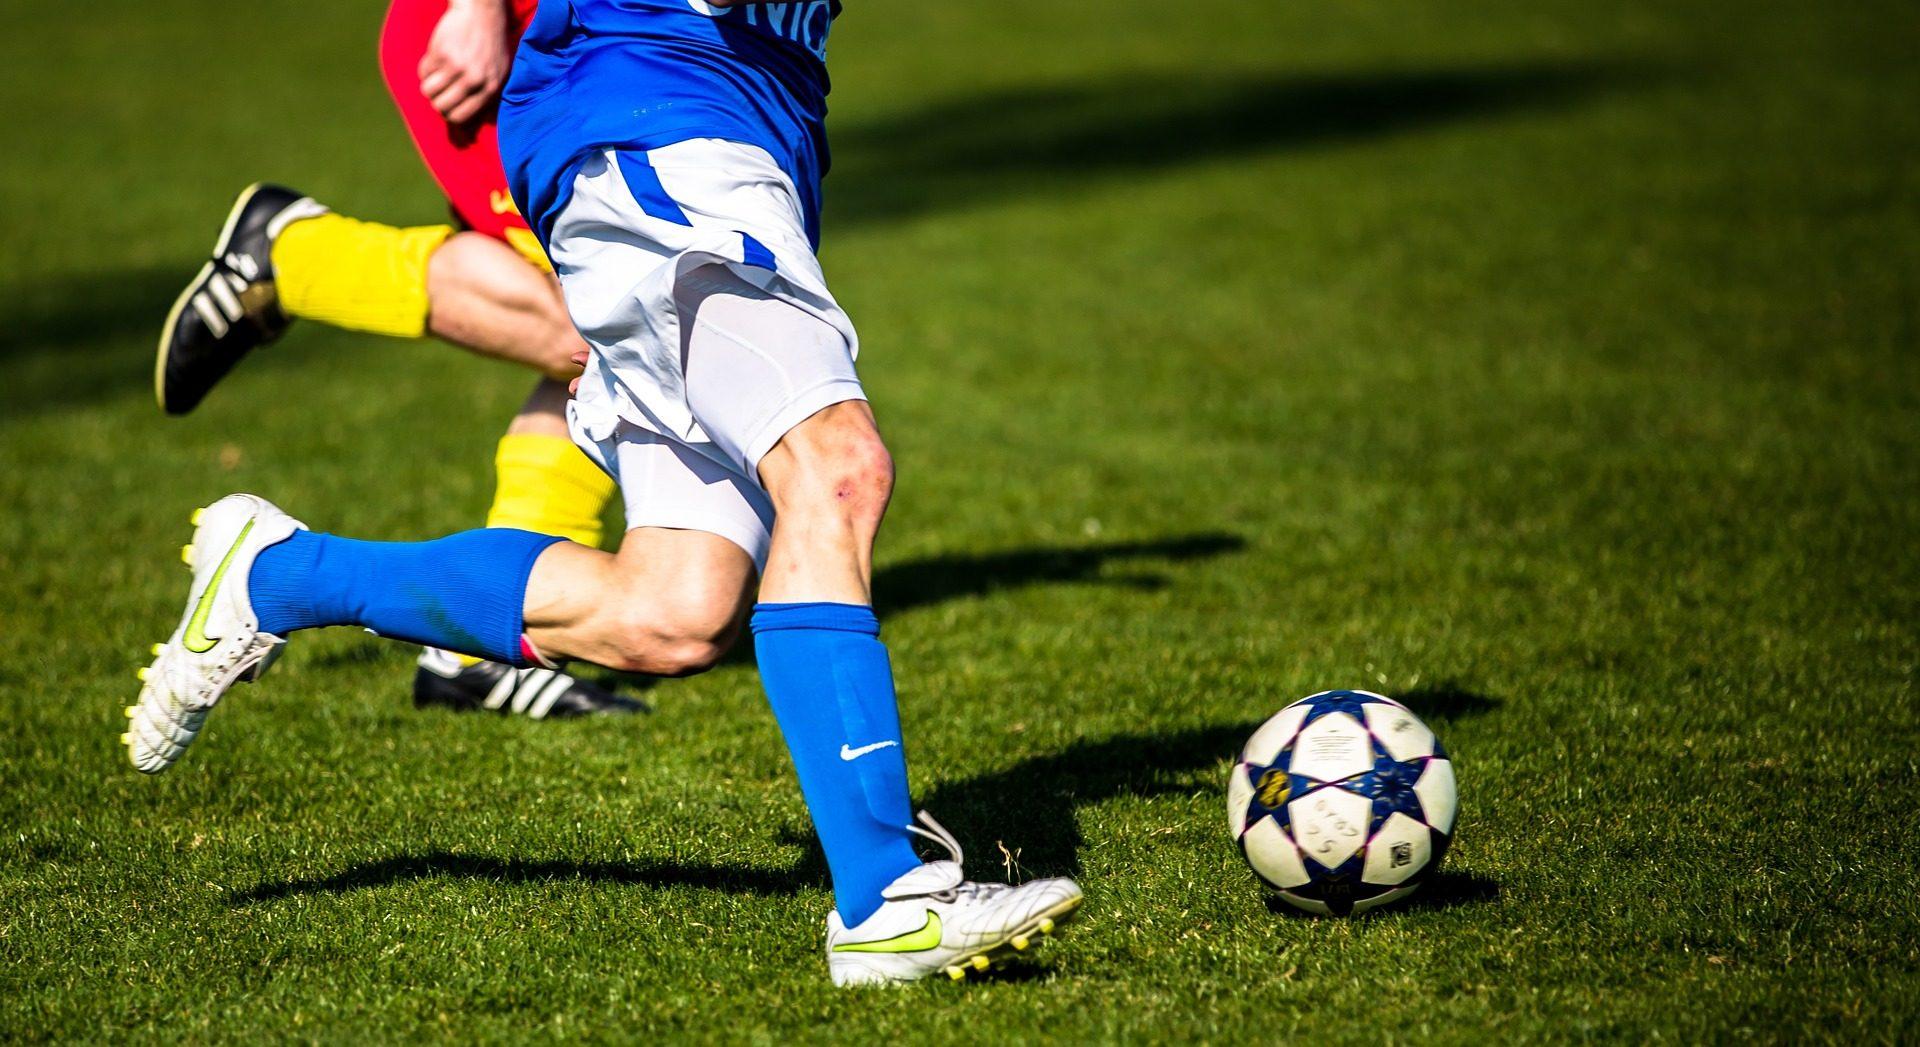 足球, jugadores, 气球, 字段, 草坪 - 高清壁纸 - 教授-falken.com